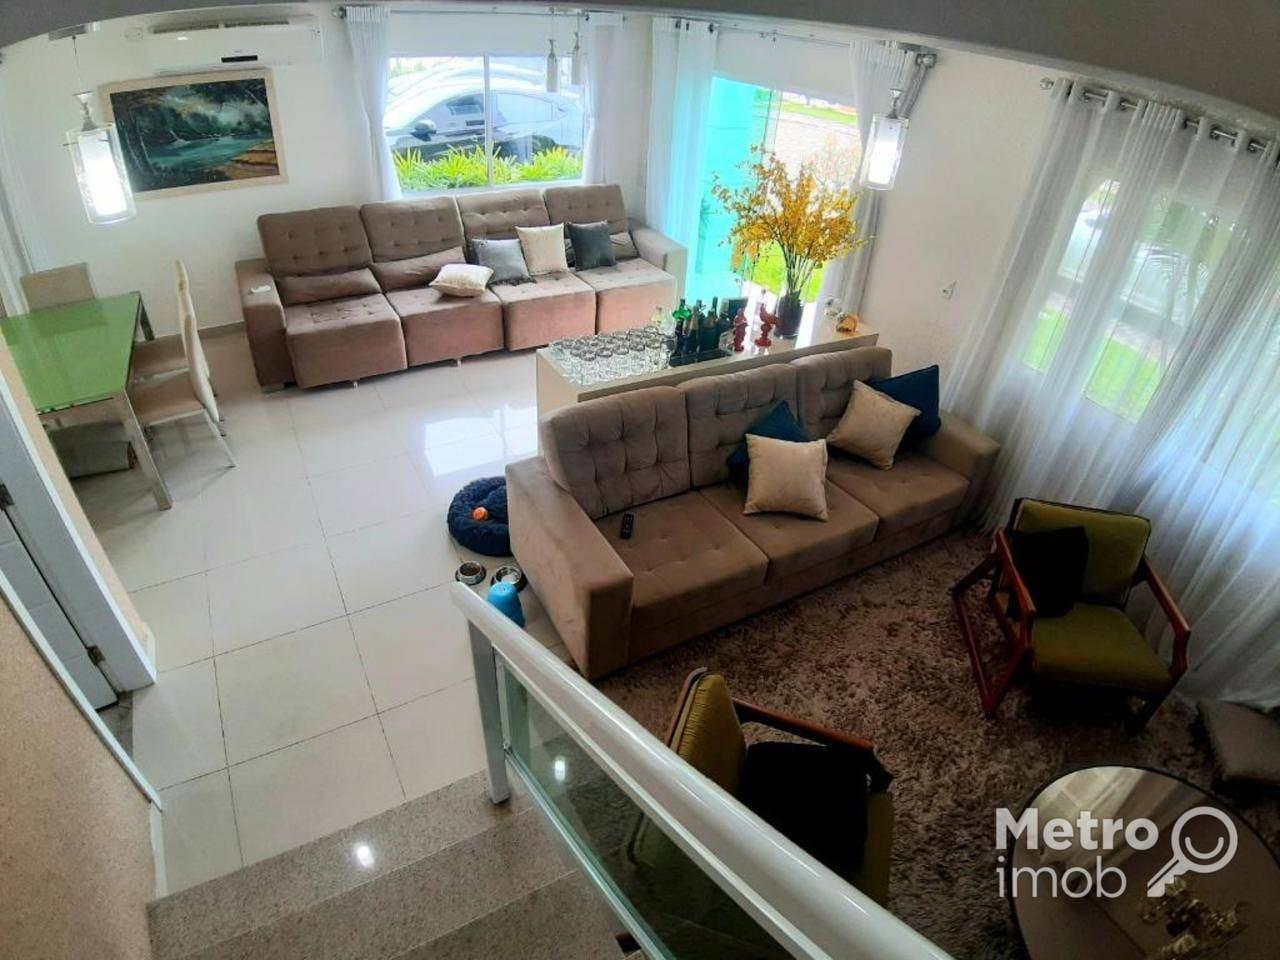 https://static.arboimoveis.com.br/CA0015_METRO/casa-a-venda-parque-atlantico-sao-luis1630430231679rvhmh.jpg